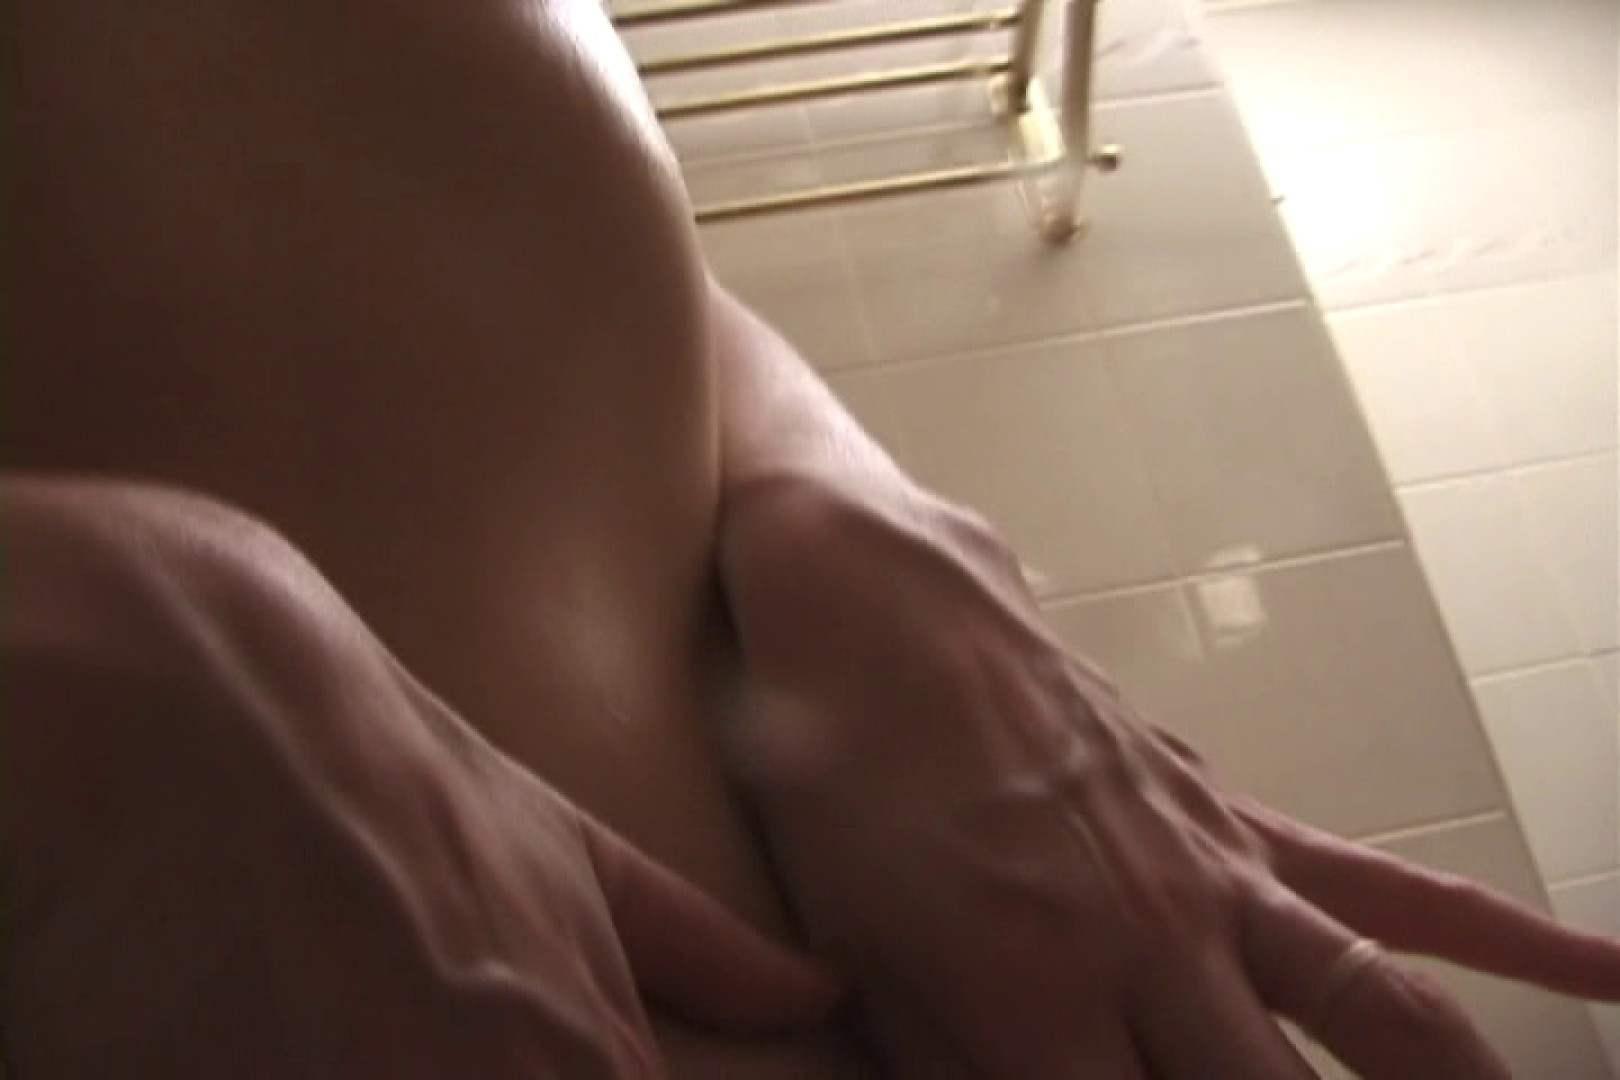 淫乱人妻に癒しを求める若い彼~川口早苗~ ギャル達の手マン | 人妻  62画像 24